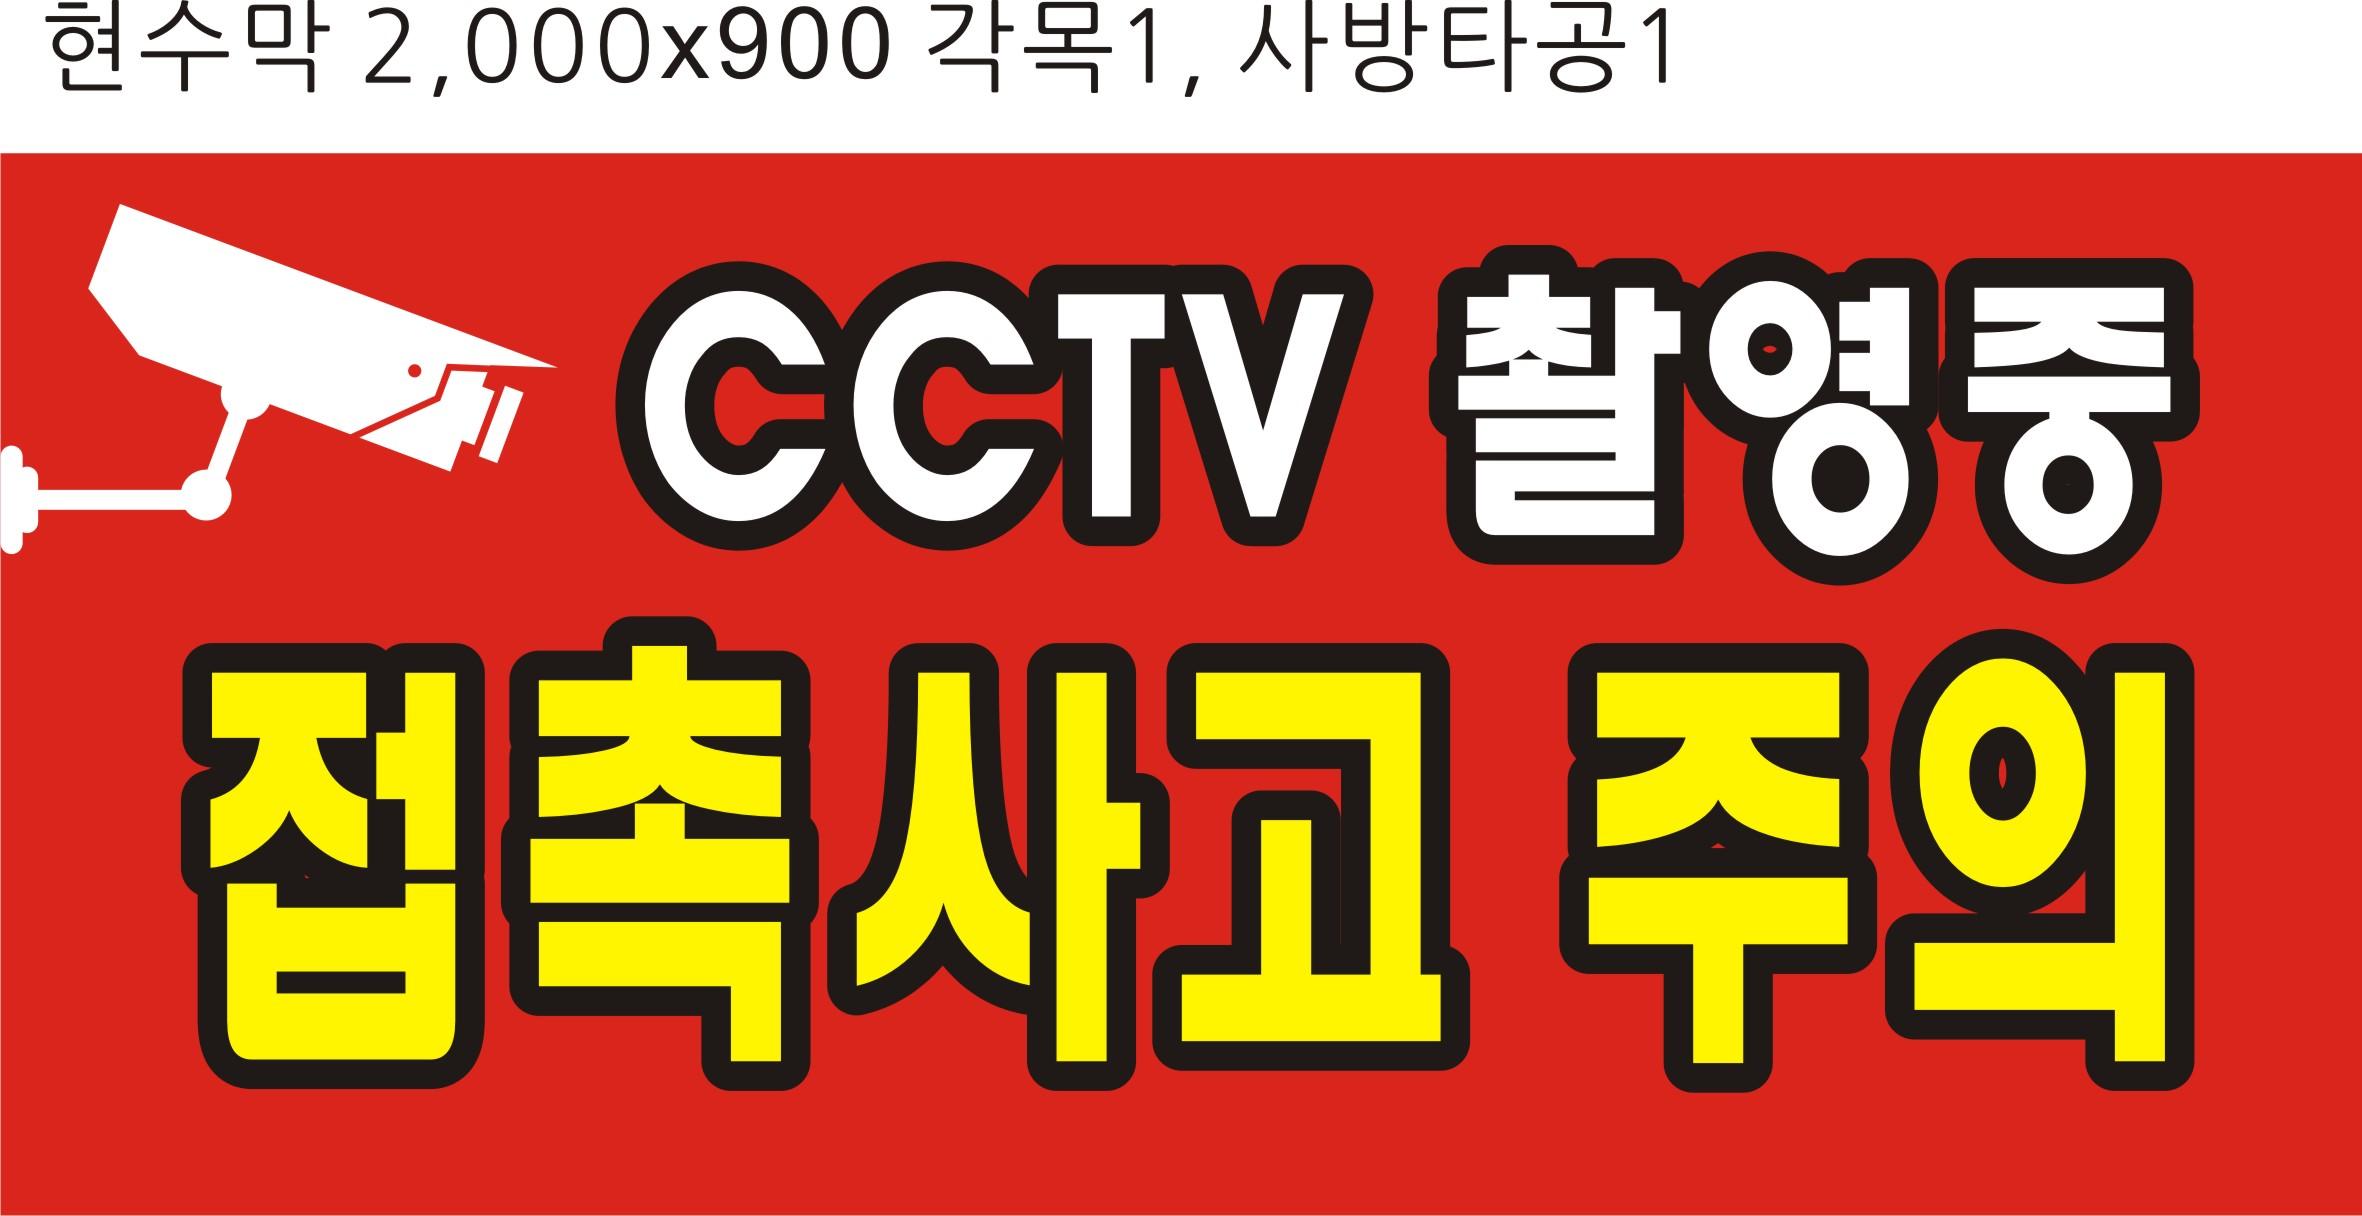 남광농원 cctv 현수막 시안입니다.